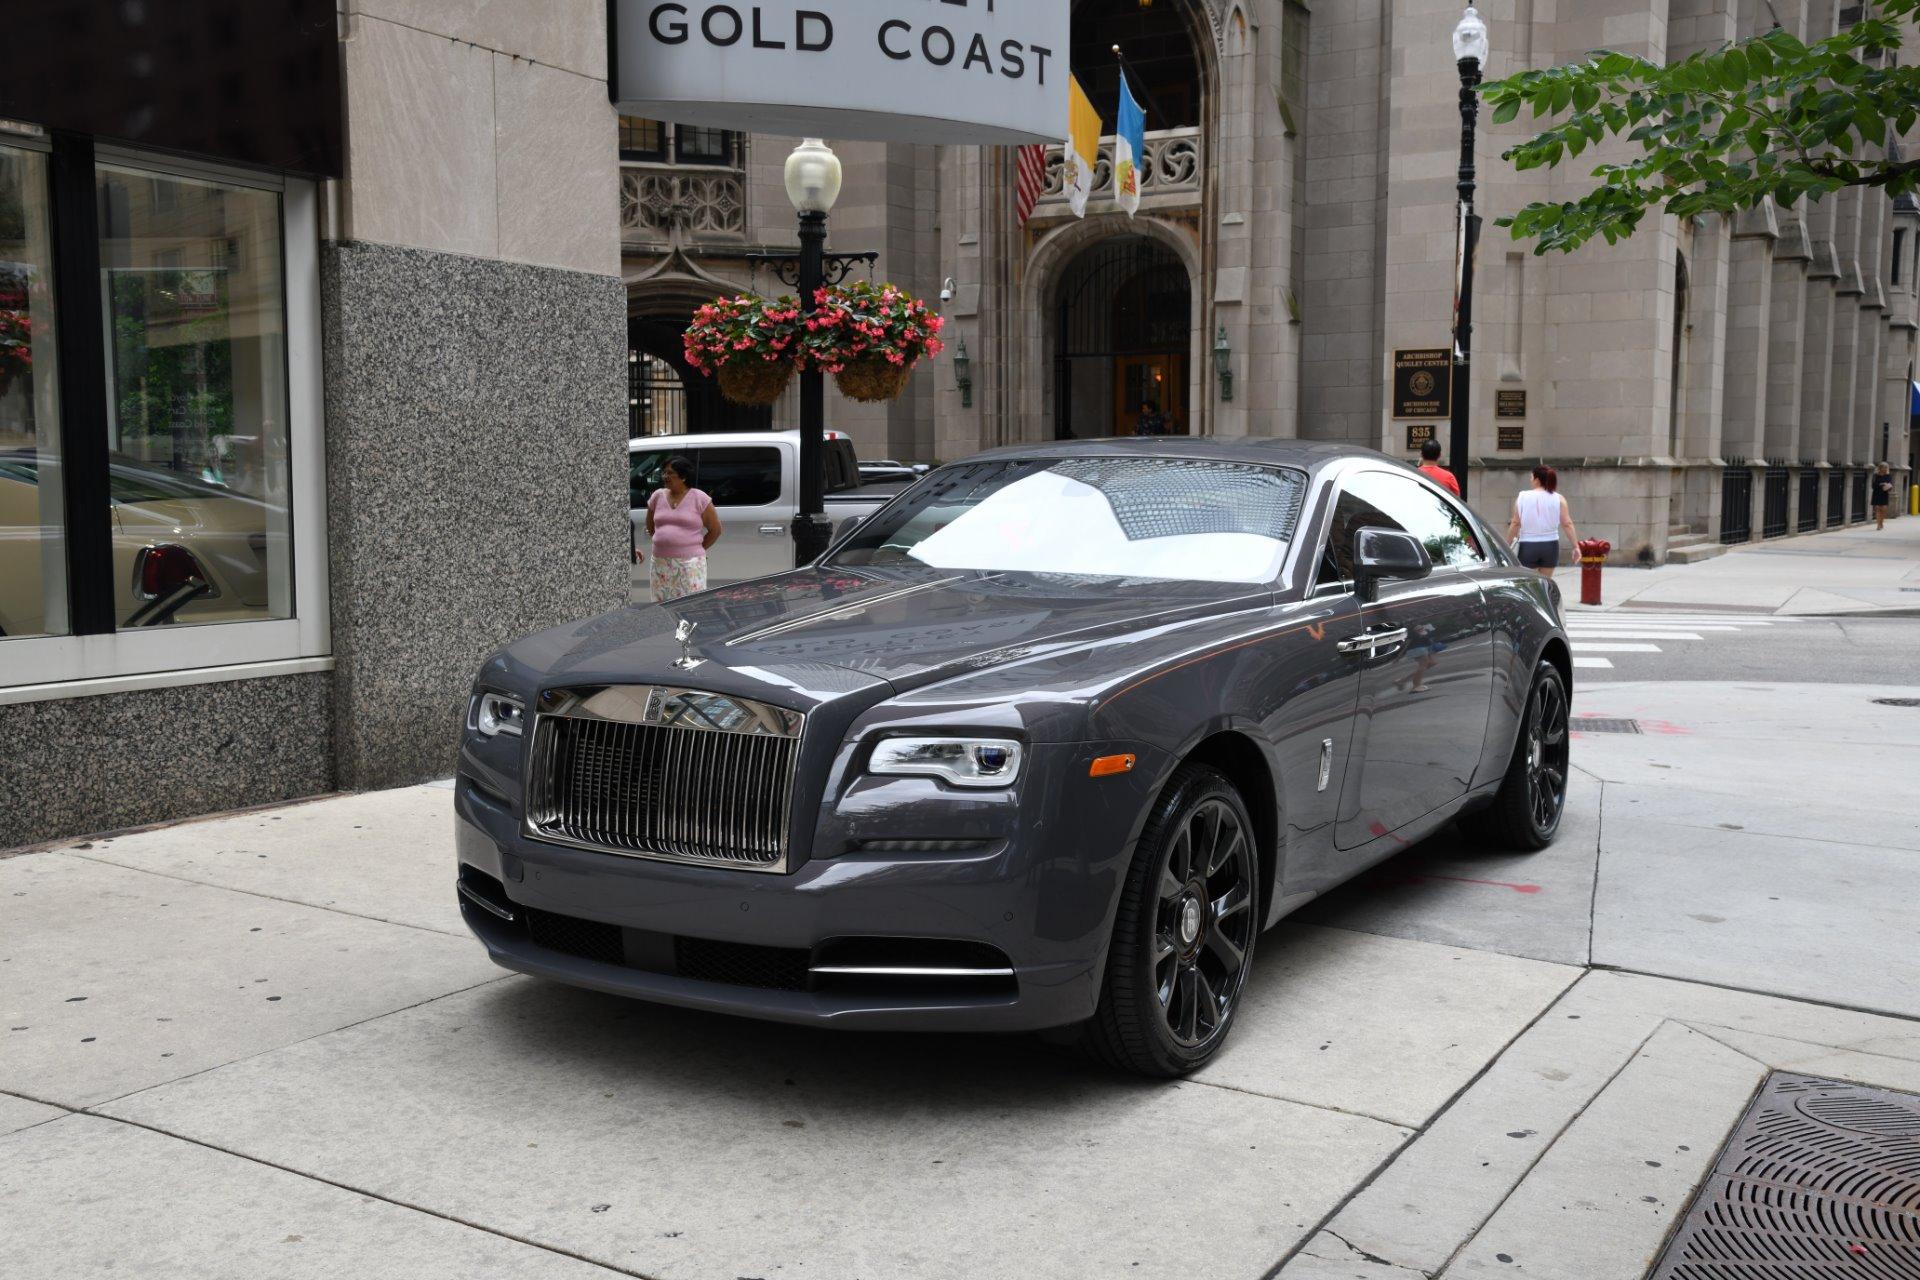 2018 rolls-royce wraith luminary stock # r549 for sale near chicago